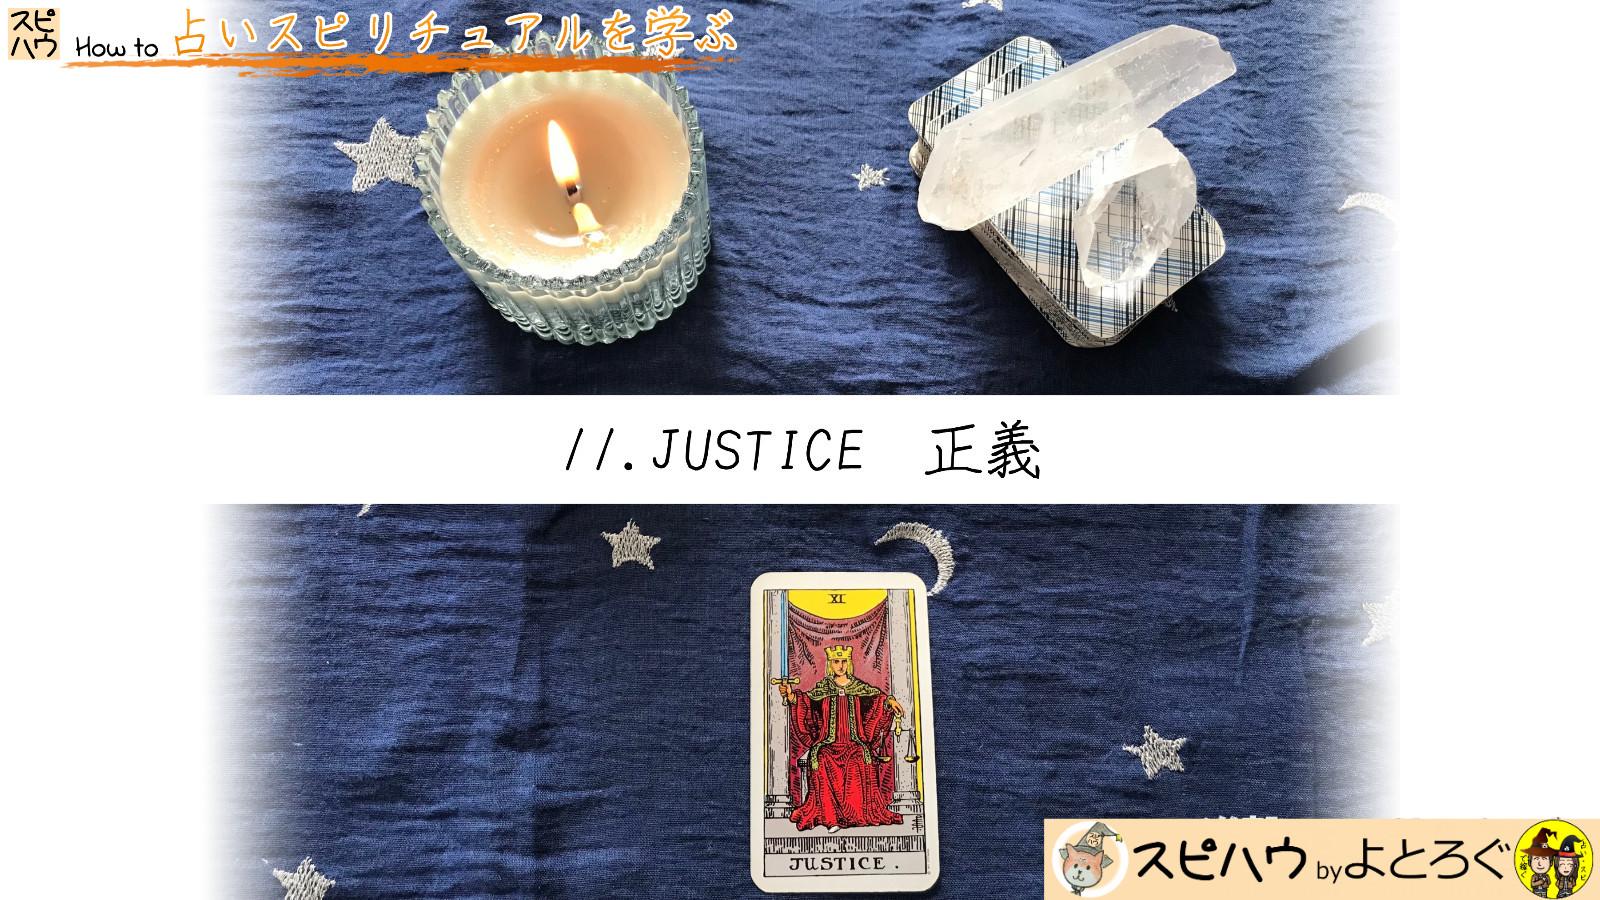 いったん、心を鎮めよう 11.正義 JUSTICEのカード画像